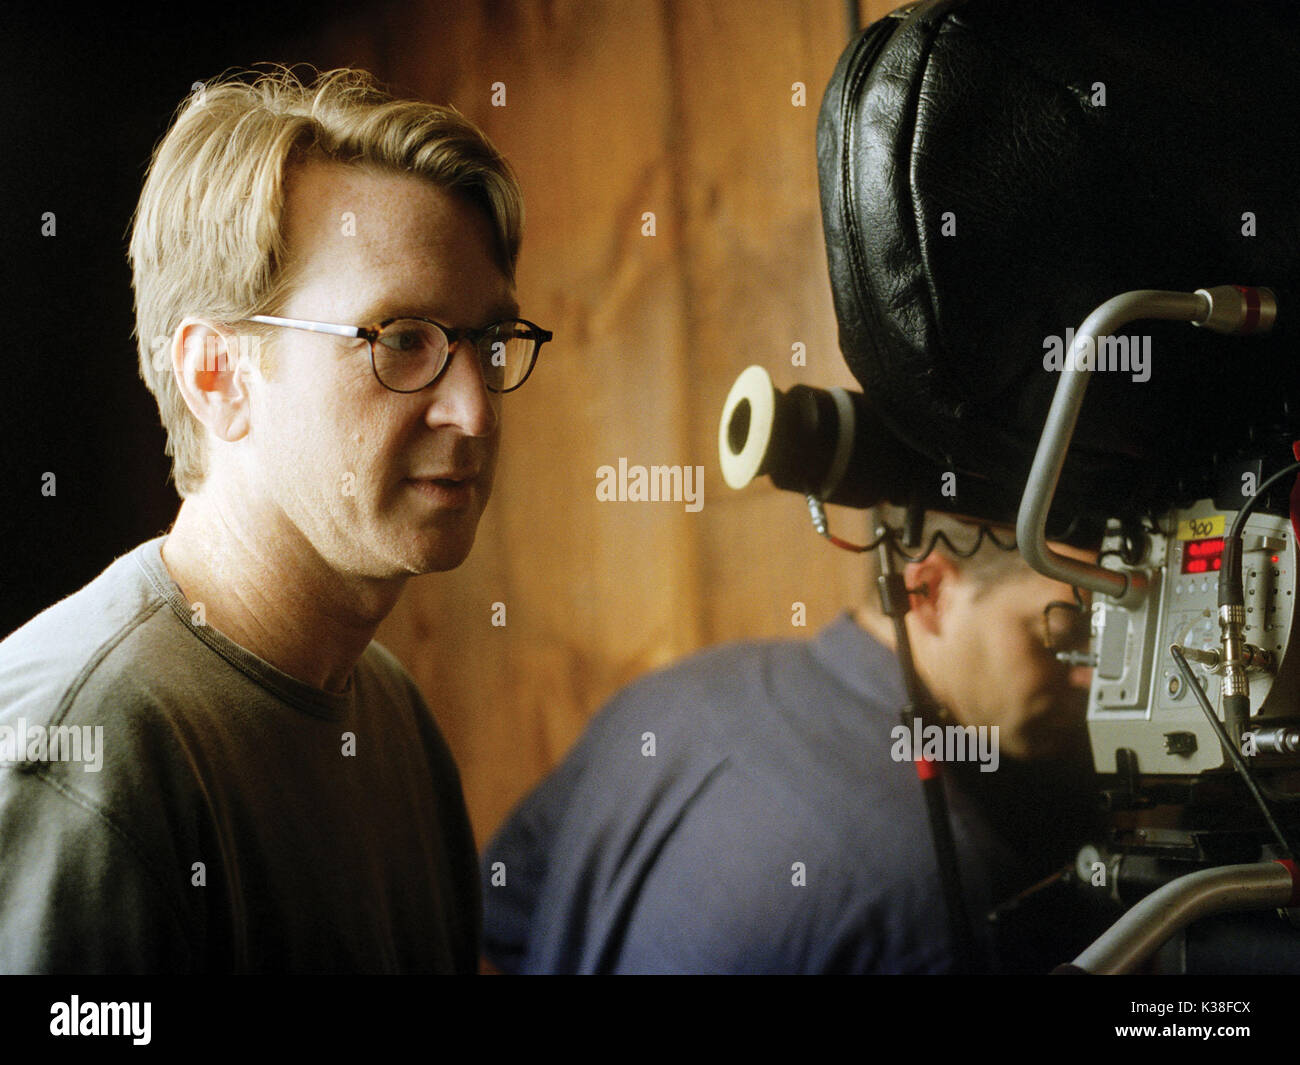 La Ventana Secreta Director David Koepp Escritor Stephen King Film